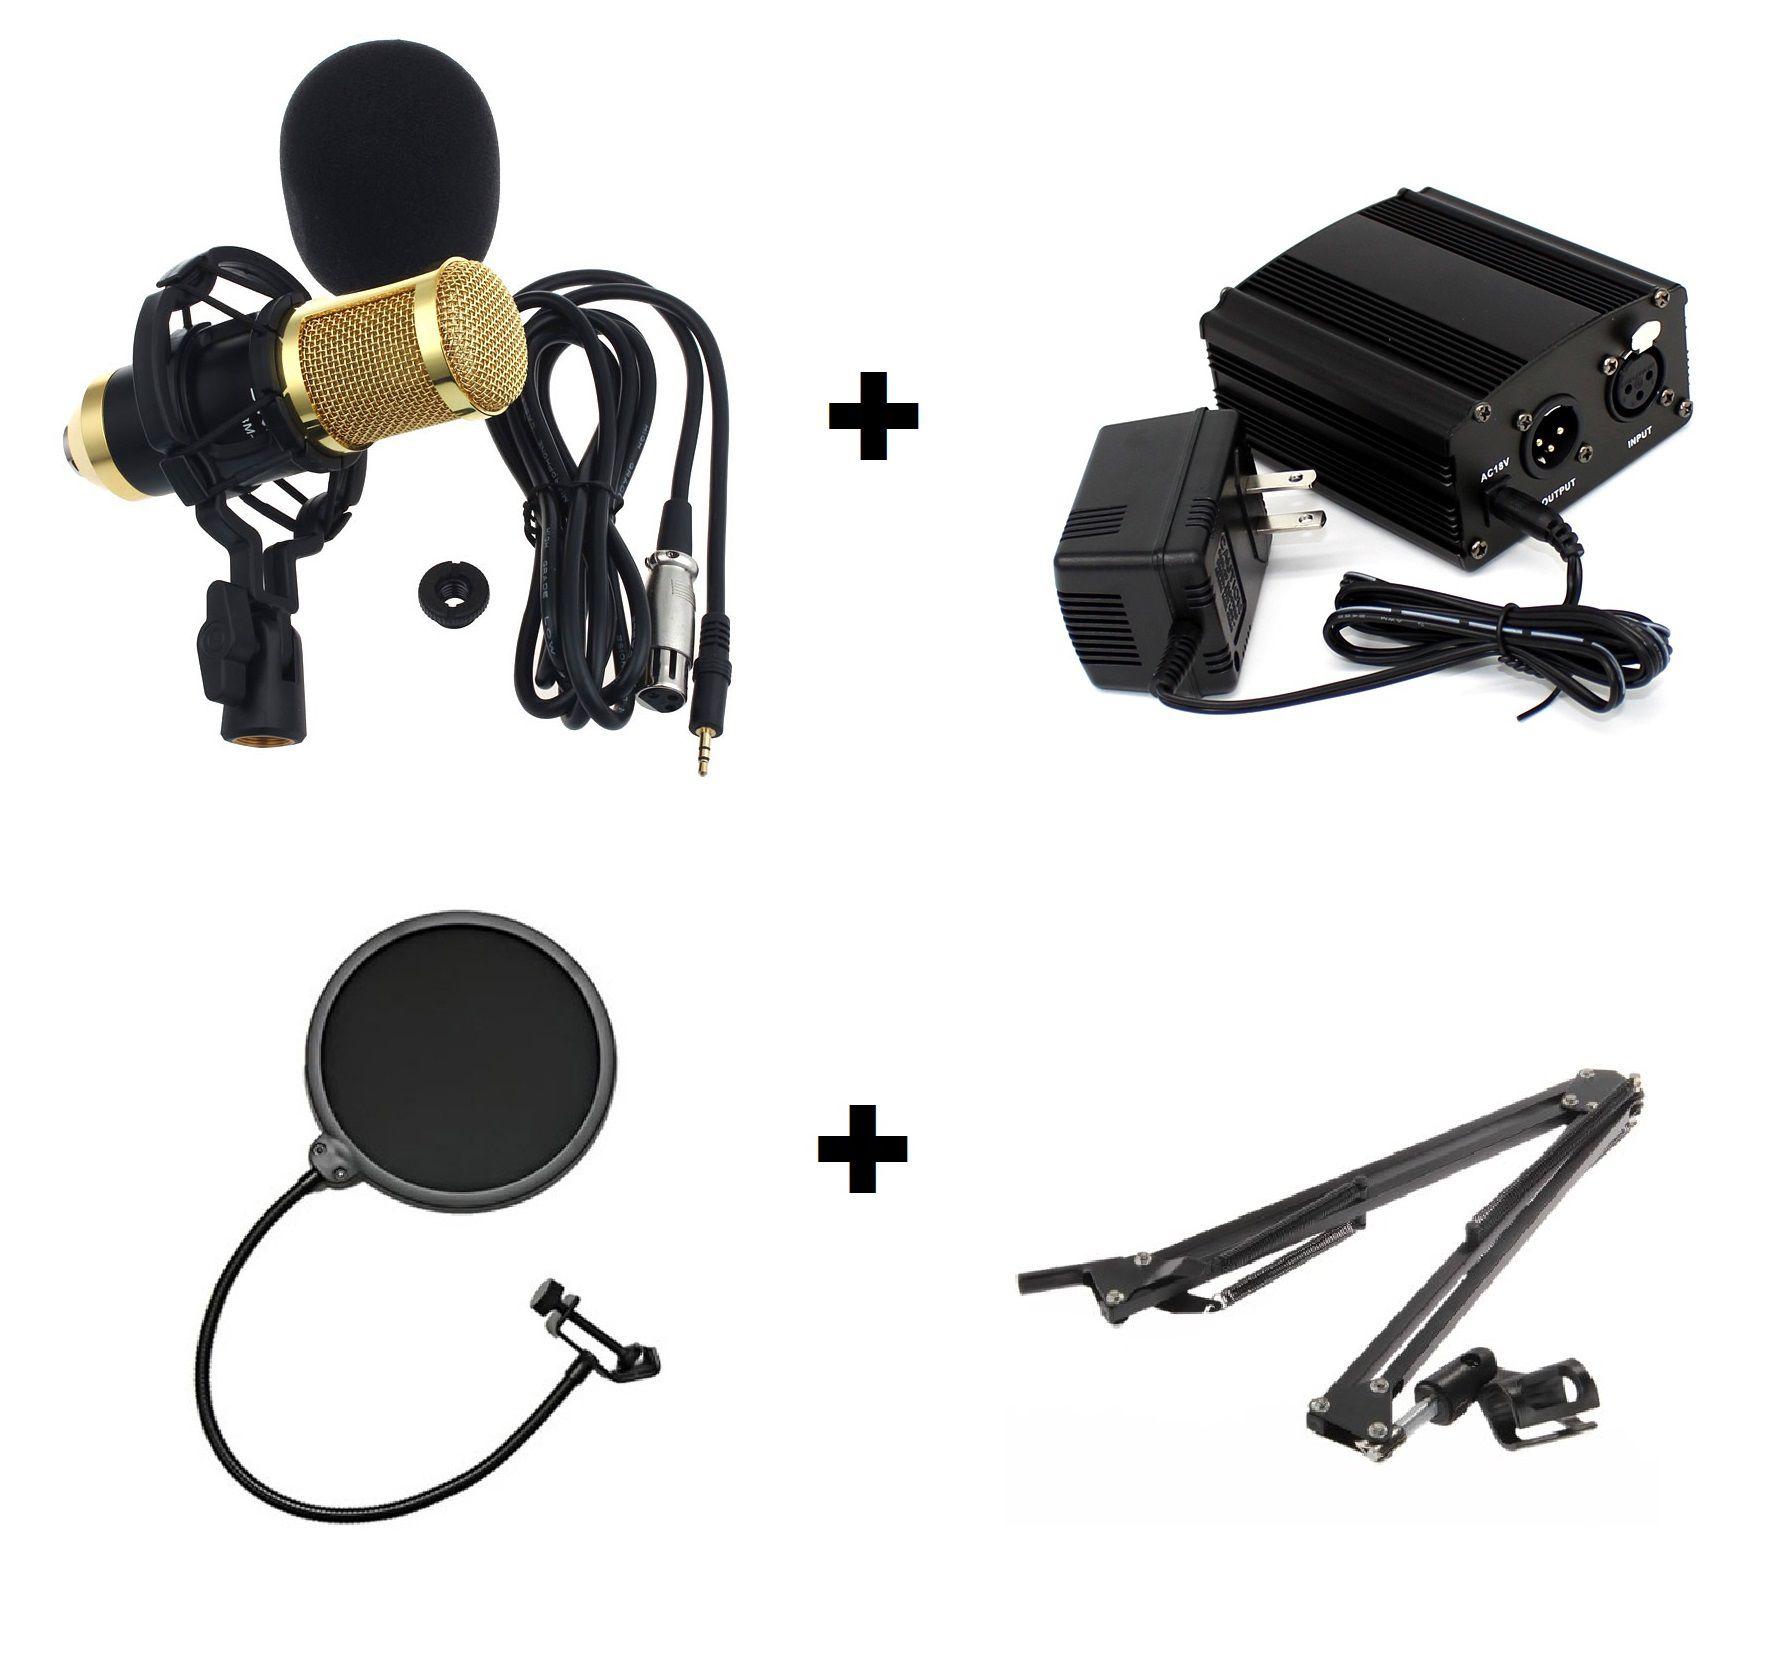 Microfone Condensador Bn800 Pedestal Articulado Pop Filter Fonte Phantom Power Cabo XLR 1 metro